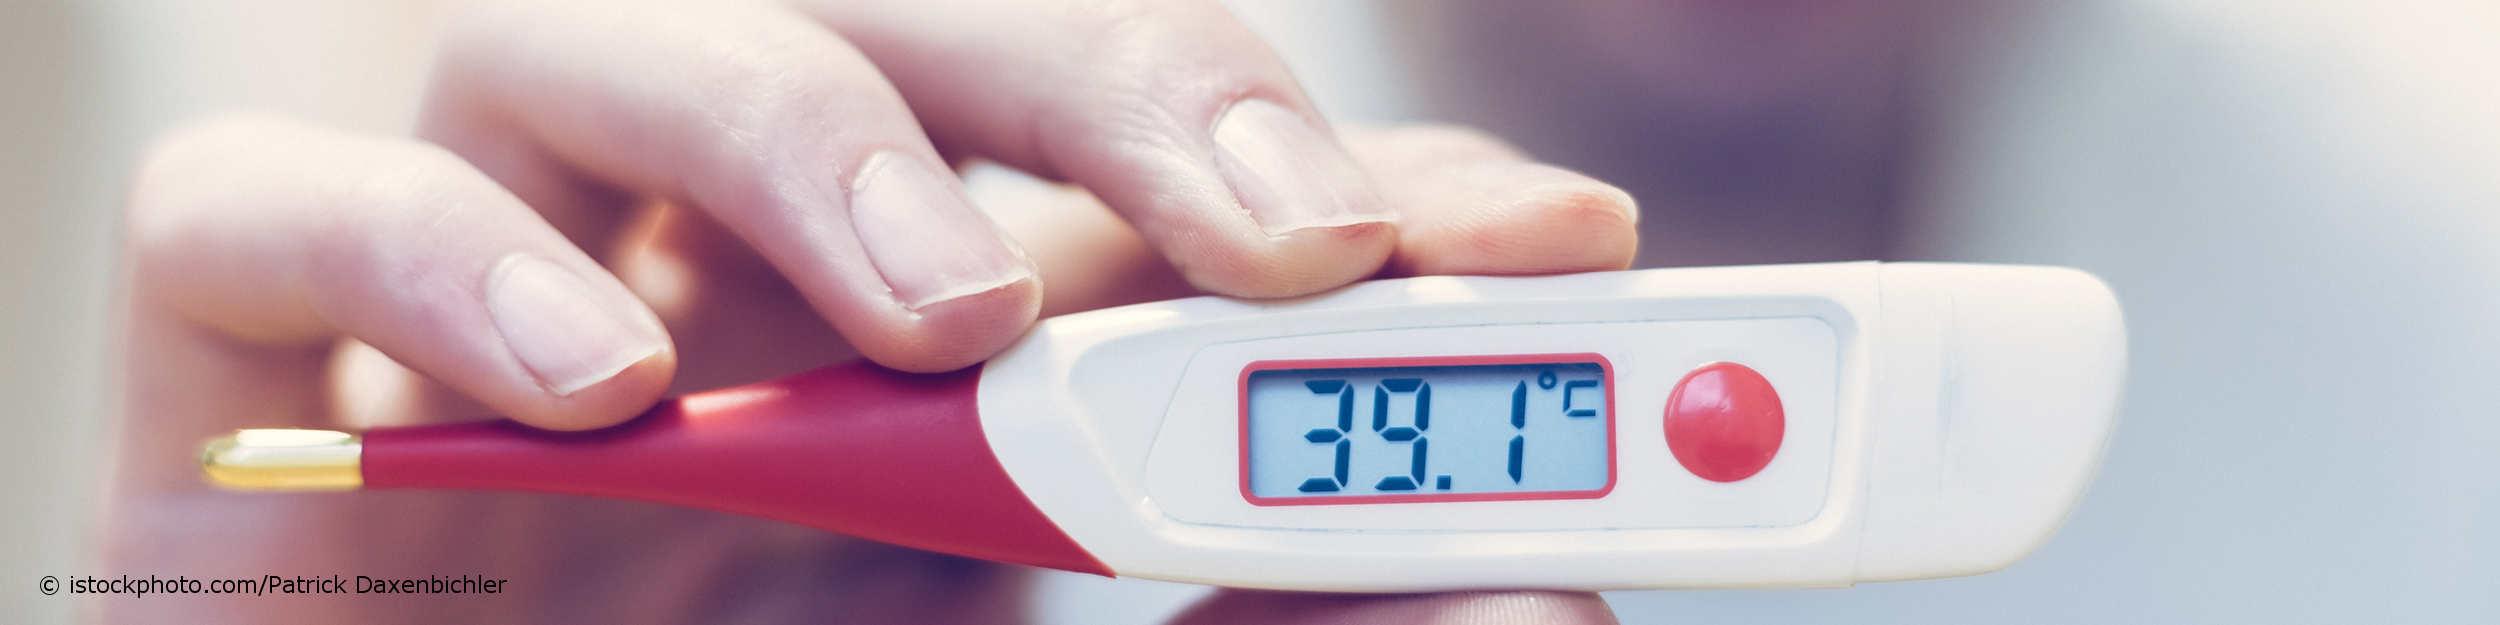 Männerhand zeigt digitales Fieberthermometer mit 39,1 °C Temperatur, also sehr hohem Fieber